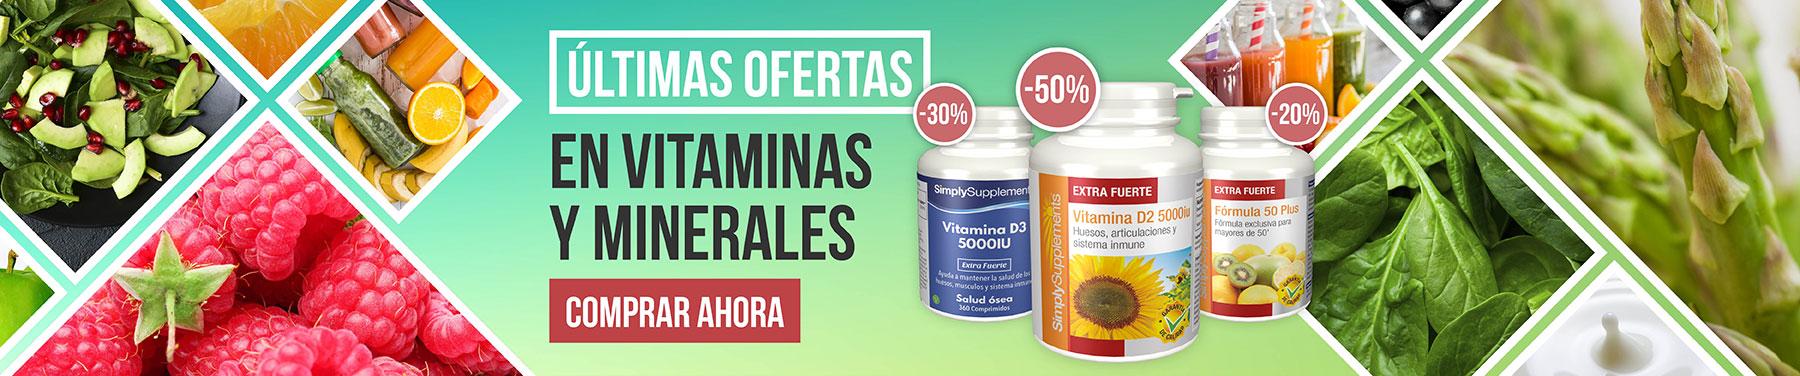 Últimas ofertas en vitaminas y minerales